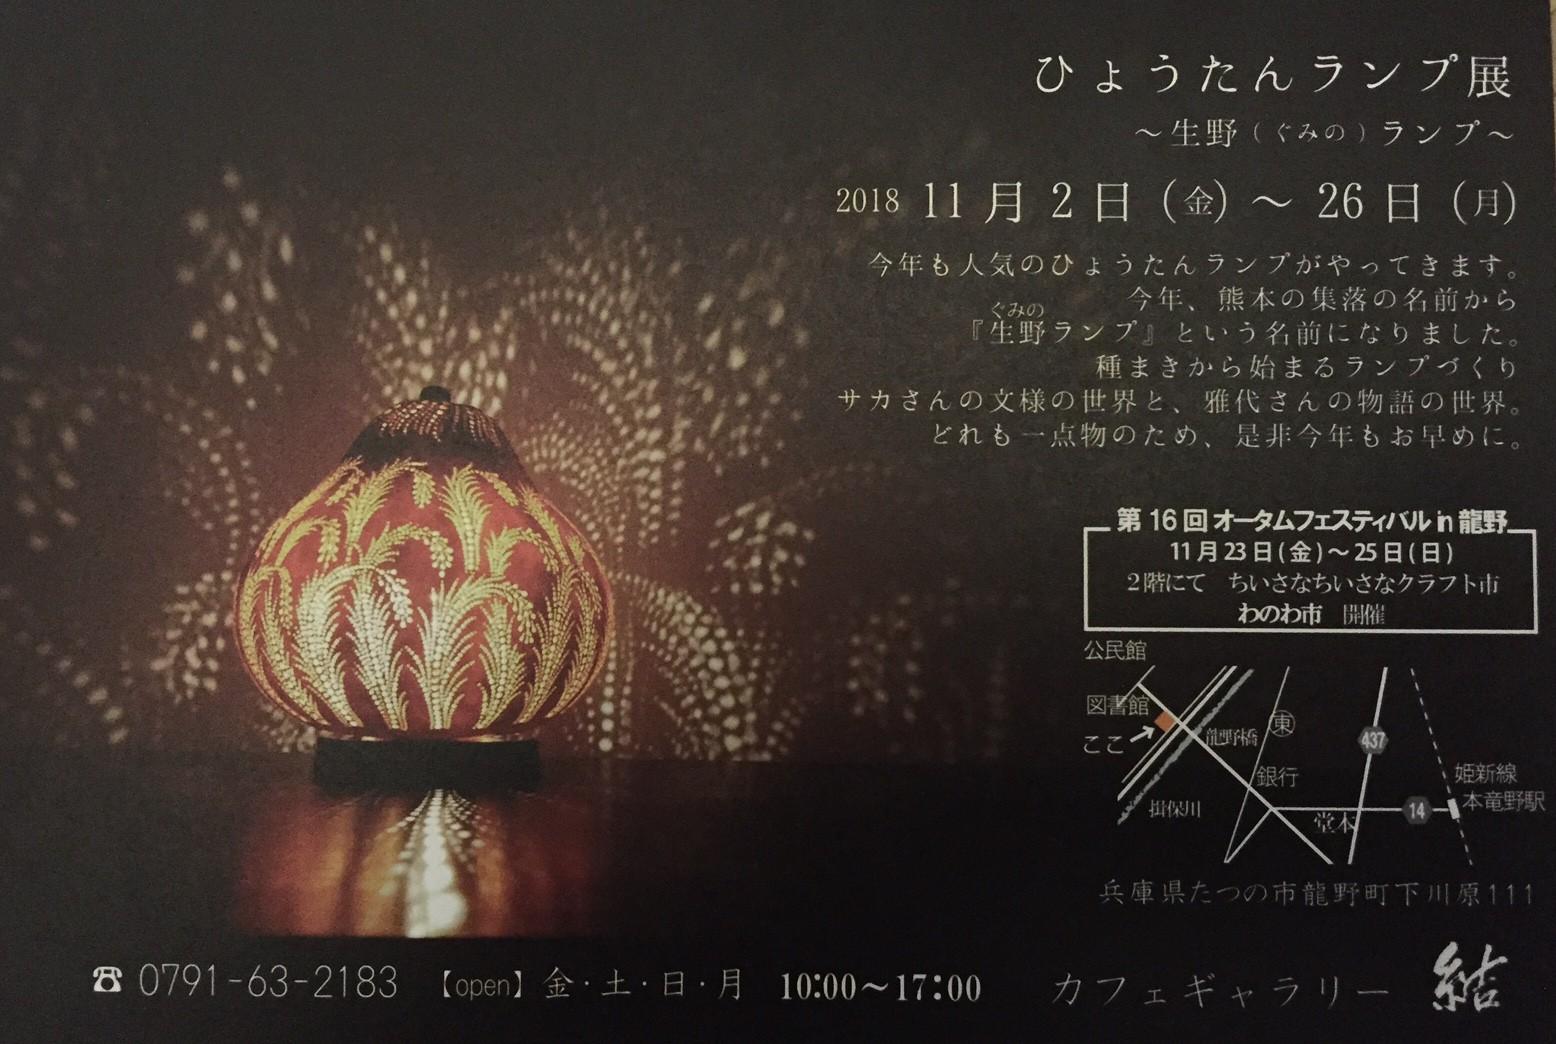 11/2(金)から兵庫県たつの市「カフェギャラリー結」で個展が始まります(こちら→をクリック)